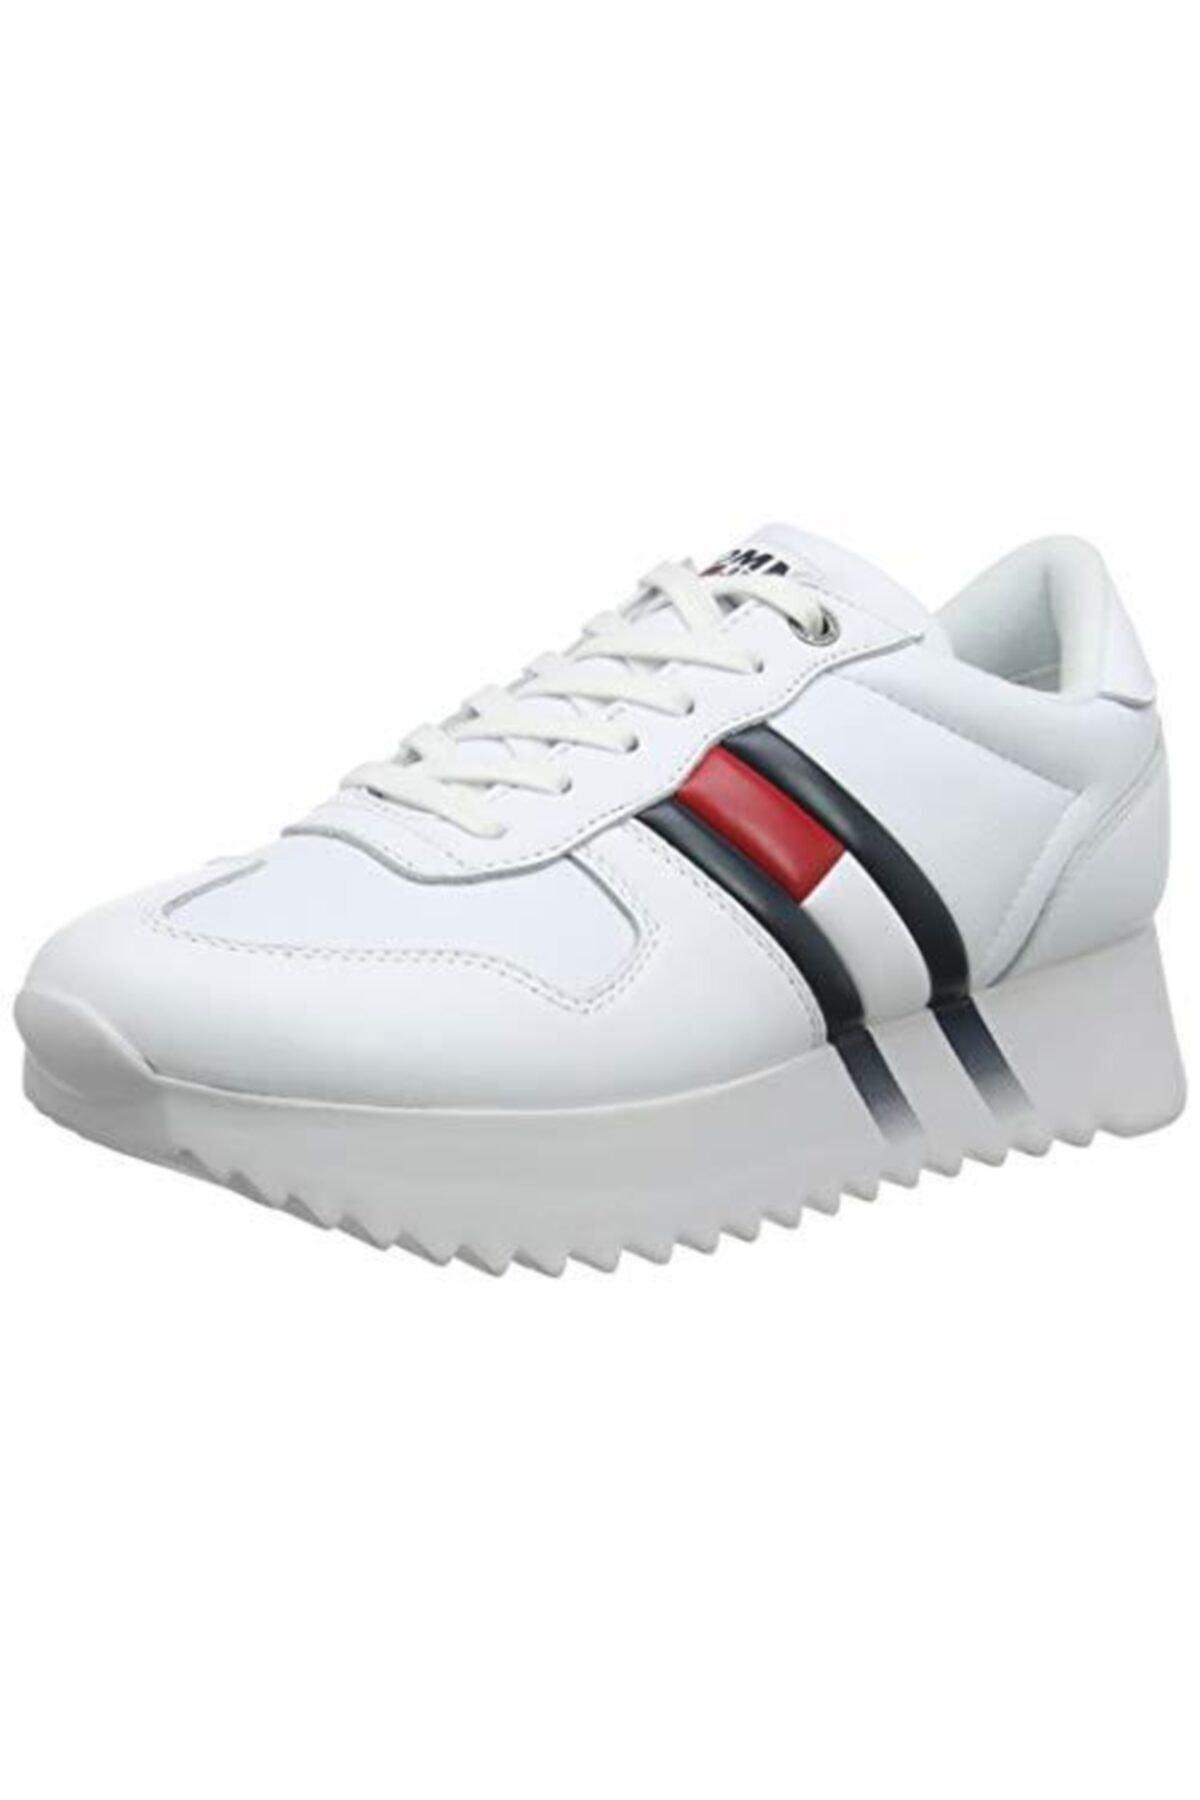 Tommy Hilfiger Tommy Hifiger Sneakers Beyaz Kadın 2